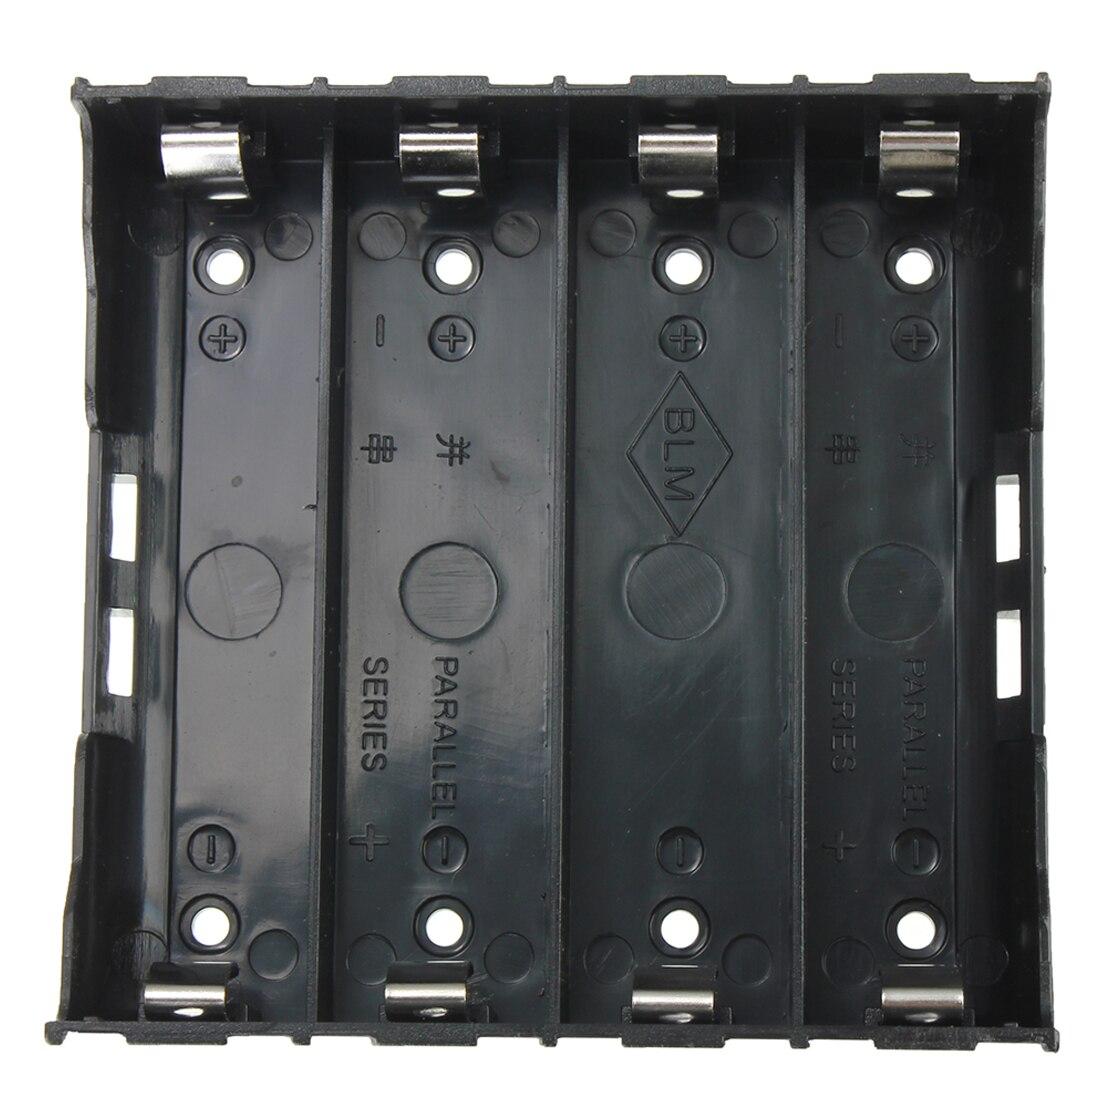 Лучшие предложения, 10x держатель аккумулятора, черный чехол для аккумулятора 4x13,7 V 18650